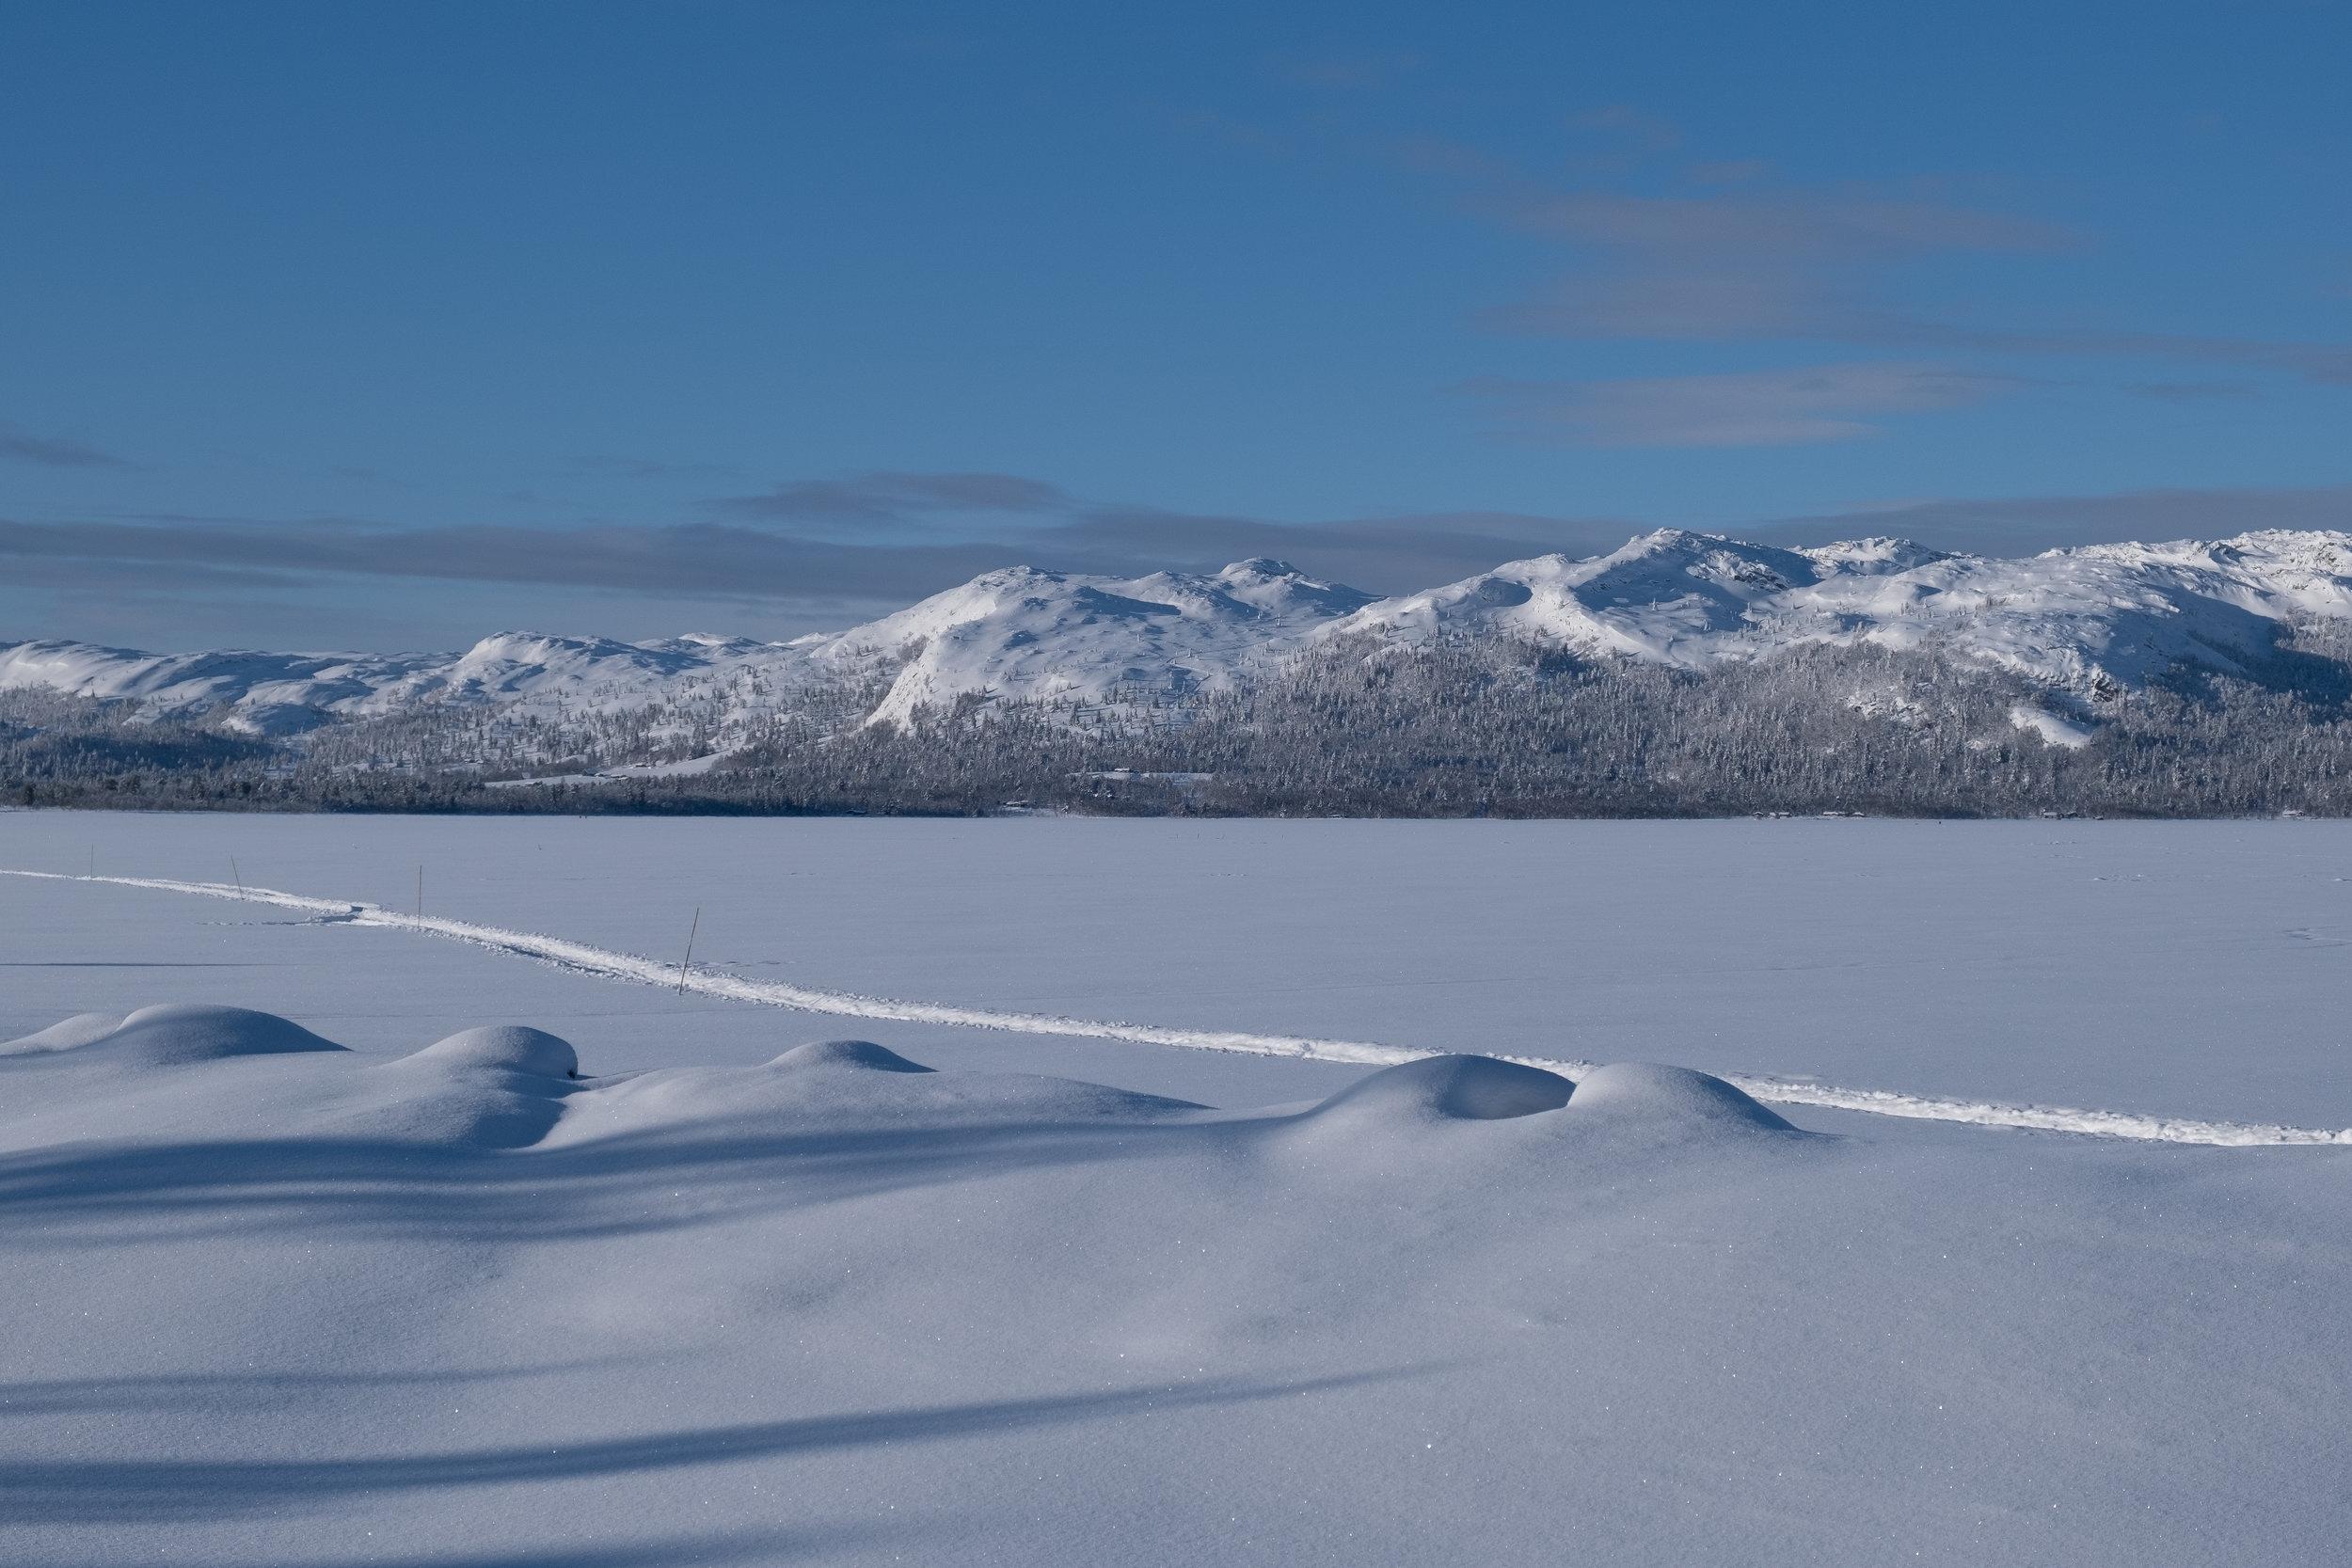 Kald fisk - Tusen meter over havet pågår det hver vinter en taus kamp mot kulda.